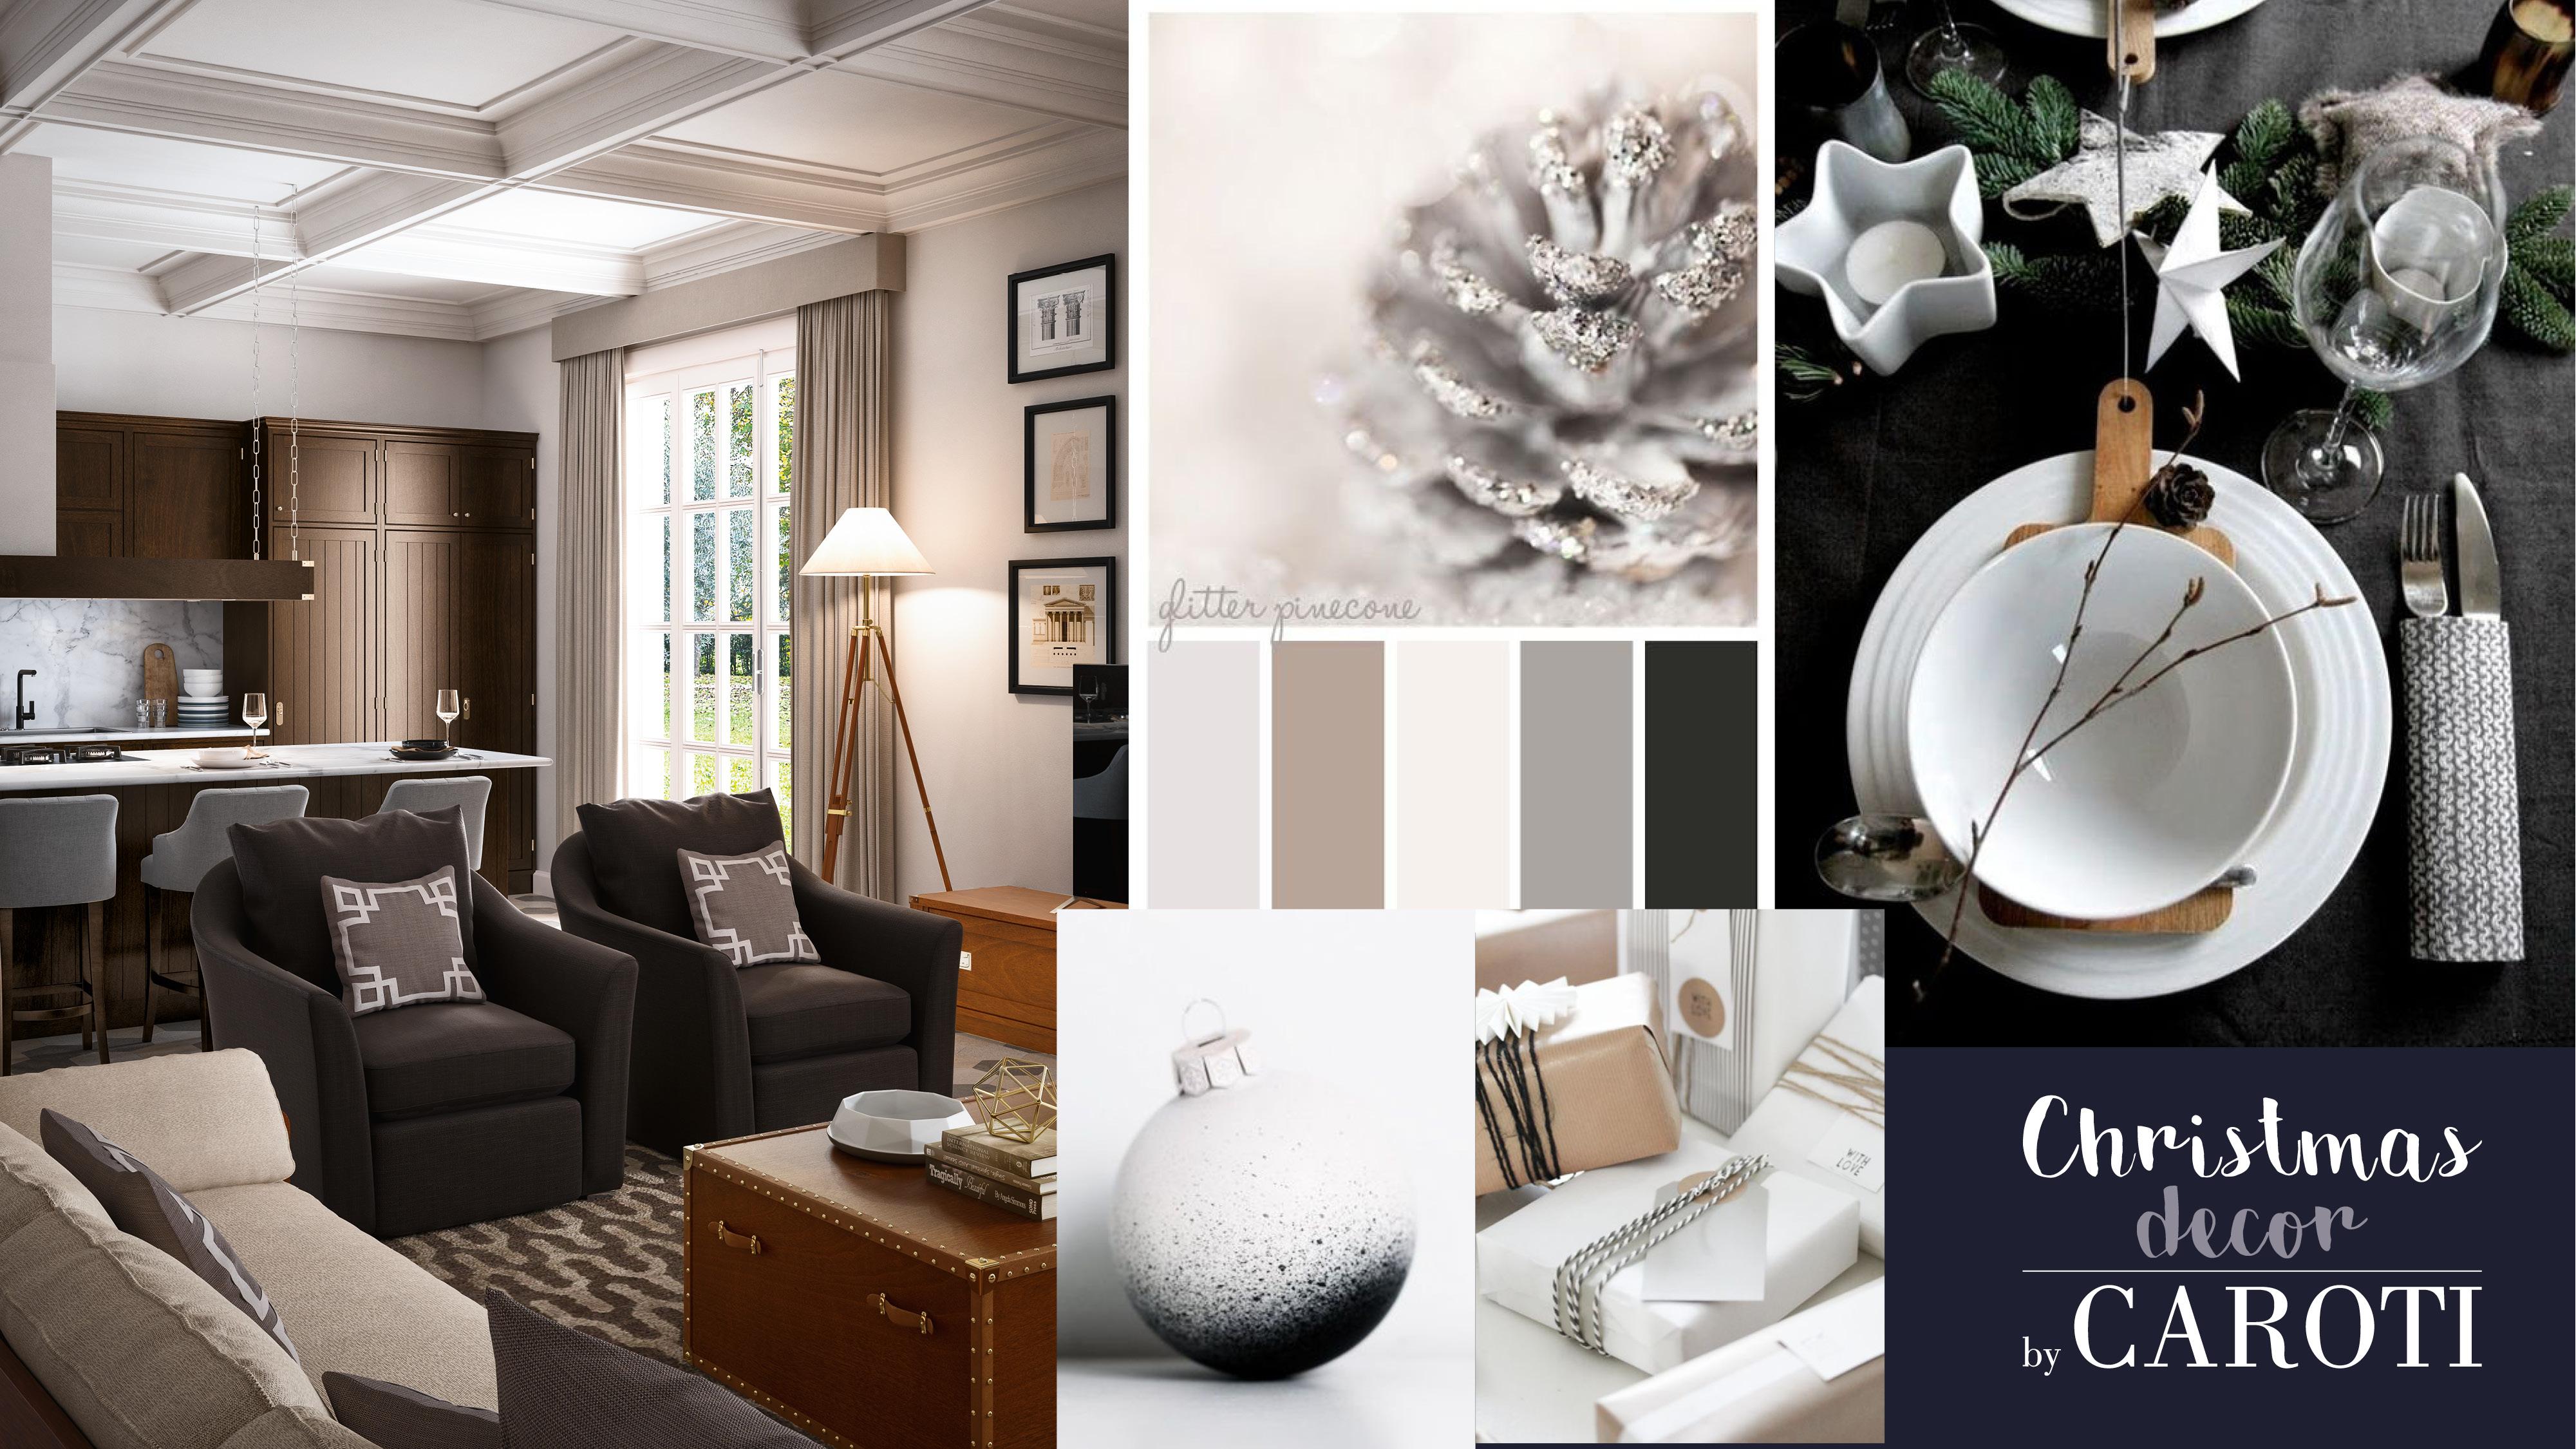 decorazioni_natale bianco grigio argento taupe